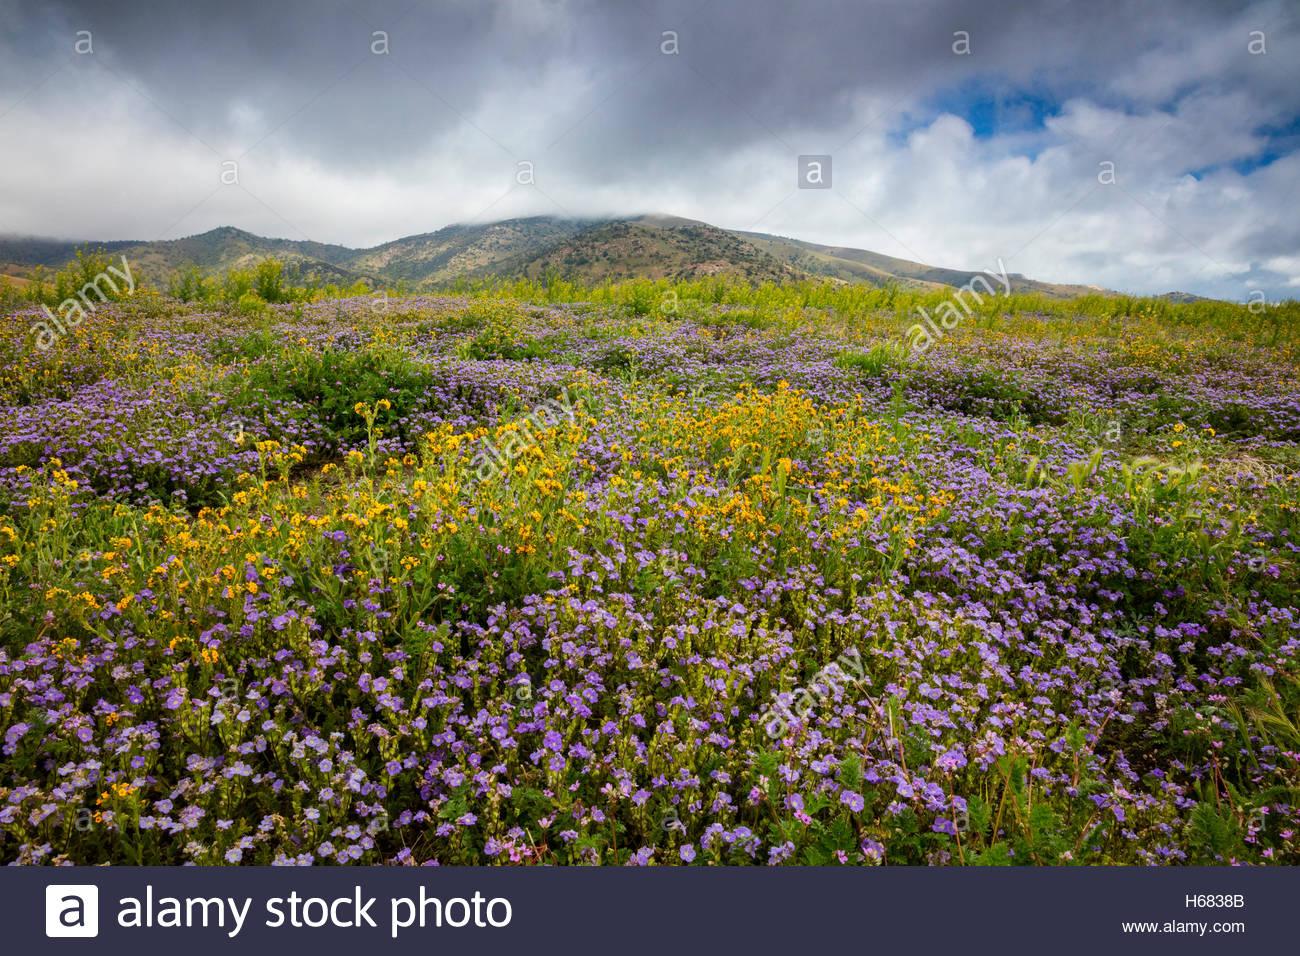 Un tappeto di giallo e viola la molla fiori selvaggi crescono alla base delle montagne Tehachapi in California, Immagini Stock